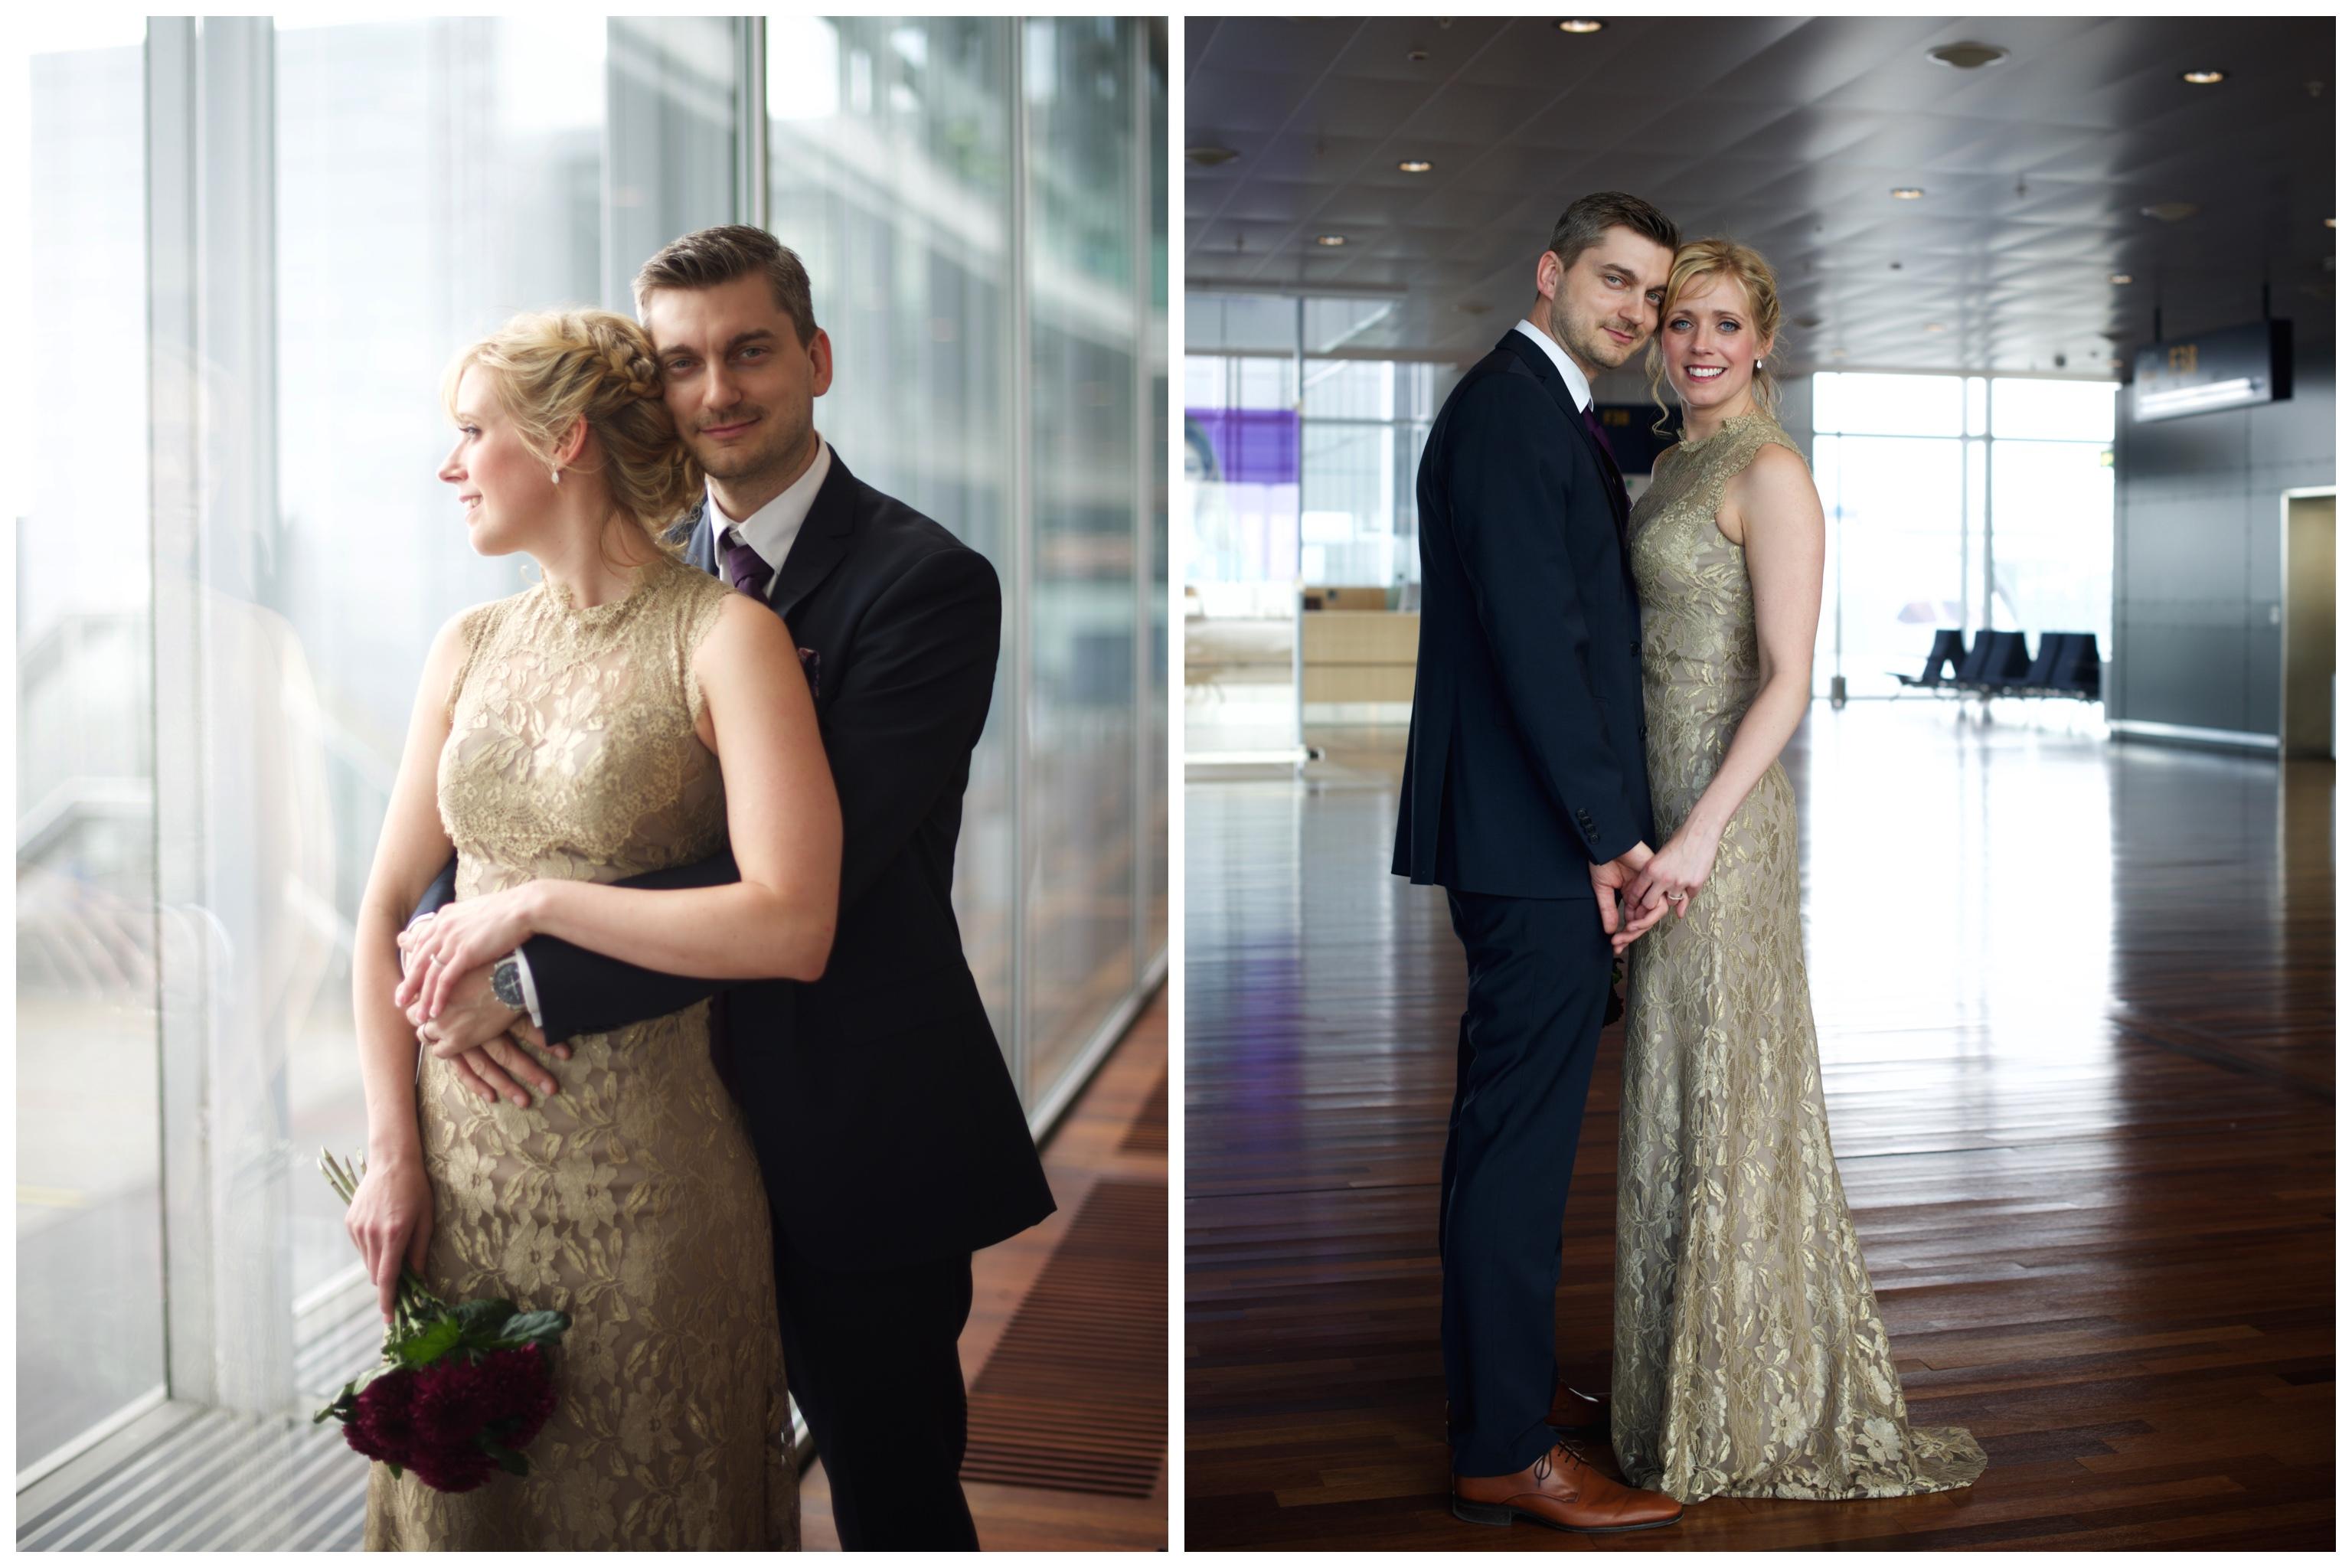 Bröllopsfotografering vid gaten på Arlanda flygplats. Bröllop på Arlanda flygplatsbröllop